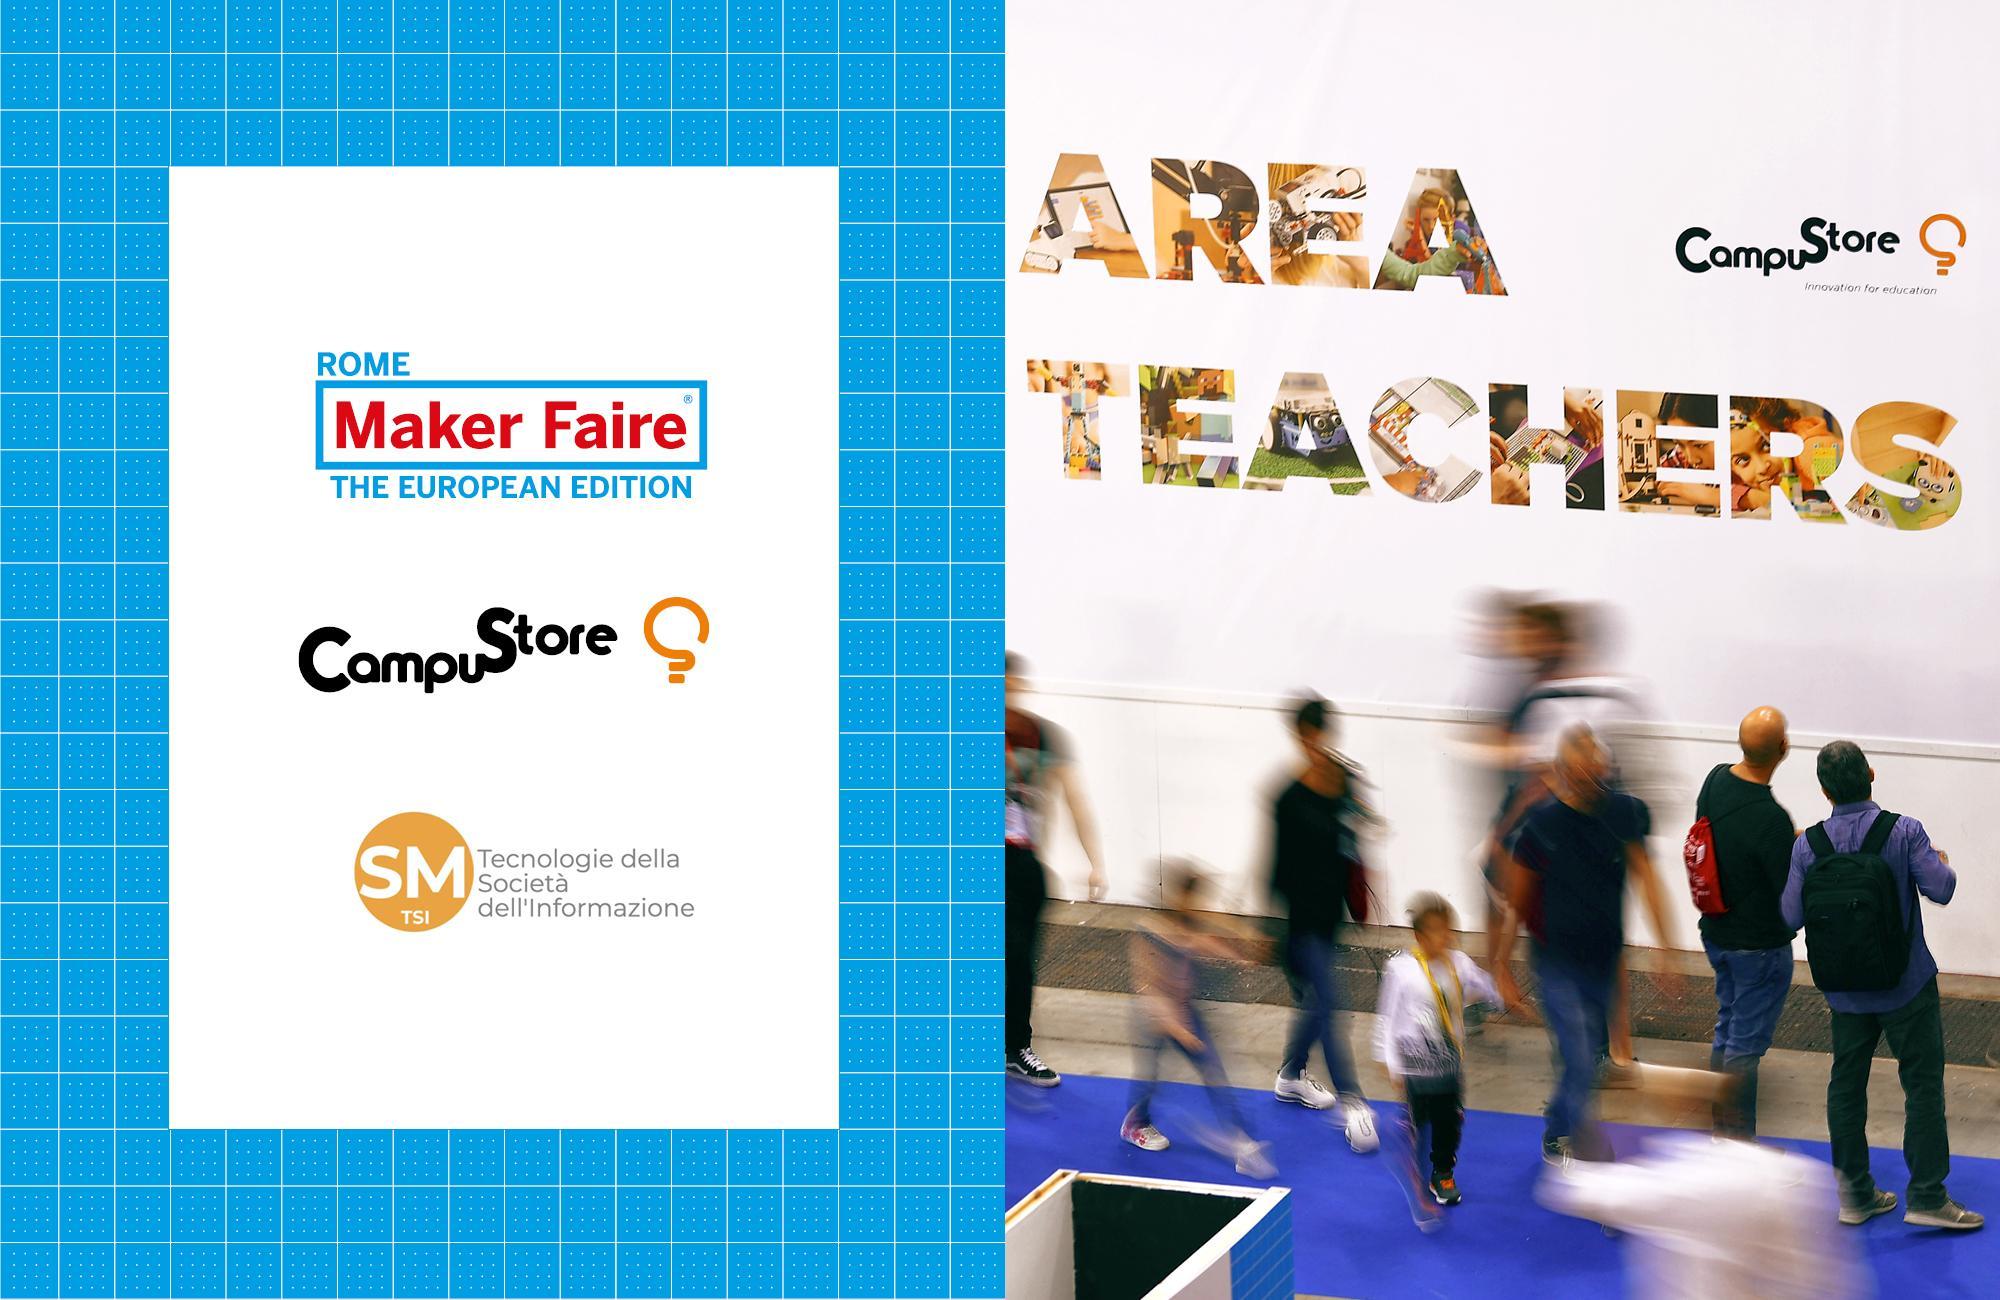 TinkerPlay! Armeggiare con le App nella scuola dell'infanzia, a cura di Servizio Marconi TSI - USR Emilia Romagna